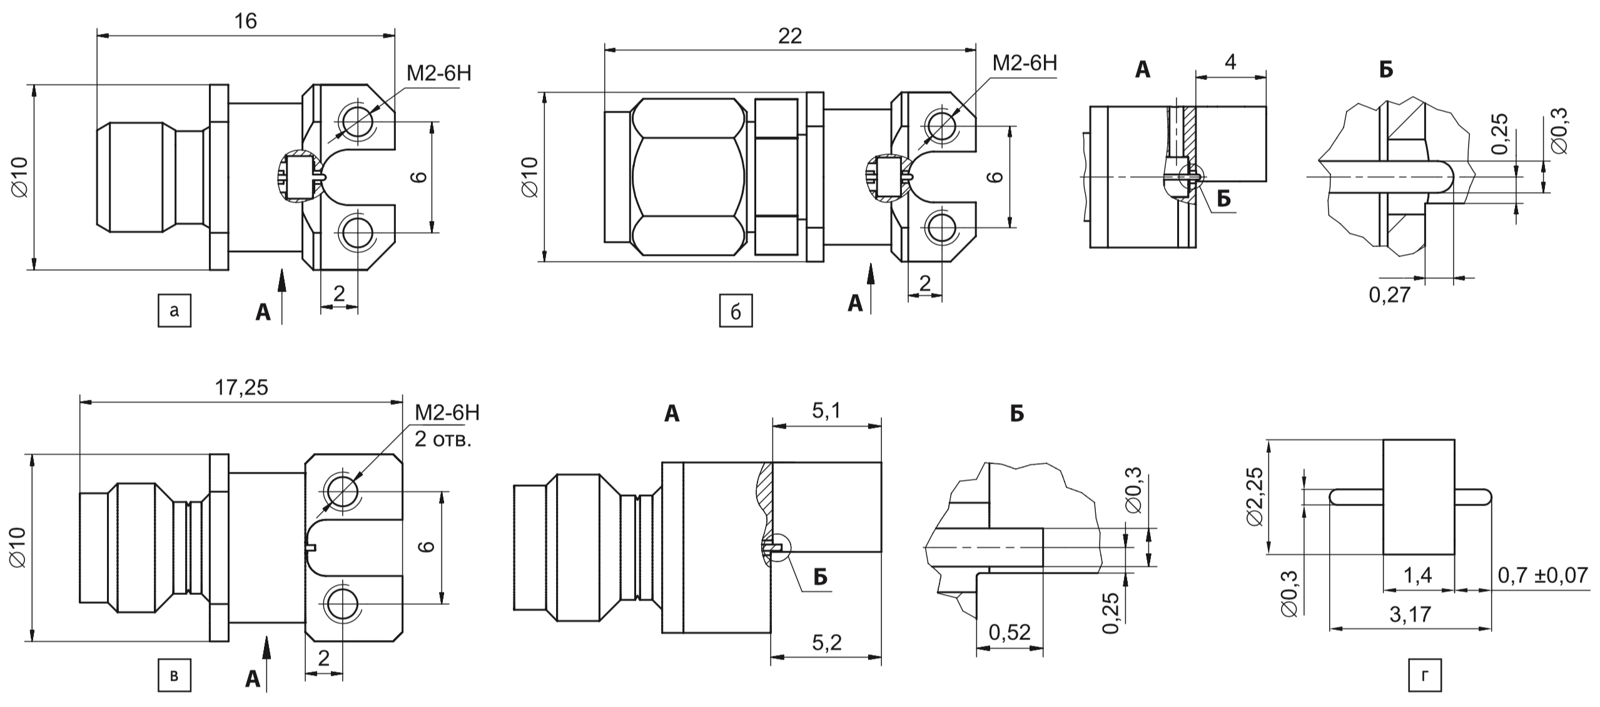 Конструкция коаксиально-микрополосковых переходов НПФ «Микран»: а) ПКМ1-32-03Р-0,3П — тип IX, вариант 3,5 мм (розетка); б) ПКМ1-32-03-0,3П — тип IX, вариант 3,5 мм (вилка); в) ПКМ1-50-05Р-0,3П — тип 2,4 мм (розетка); г) гермоввод МК100М